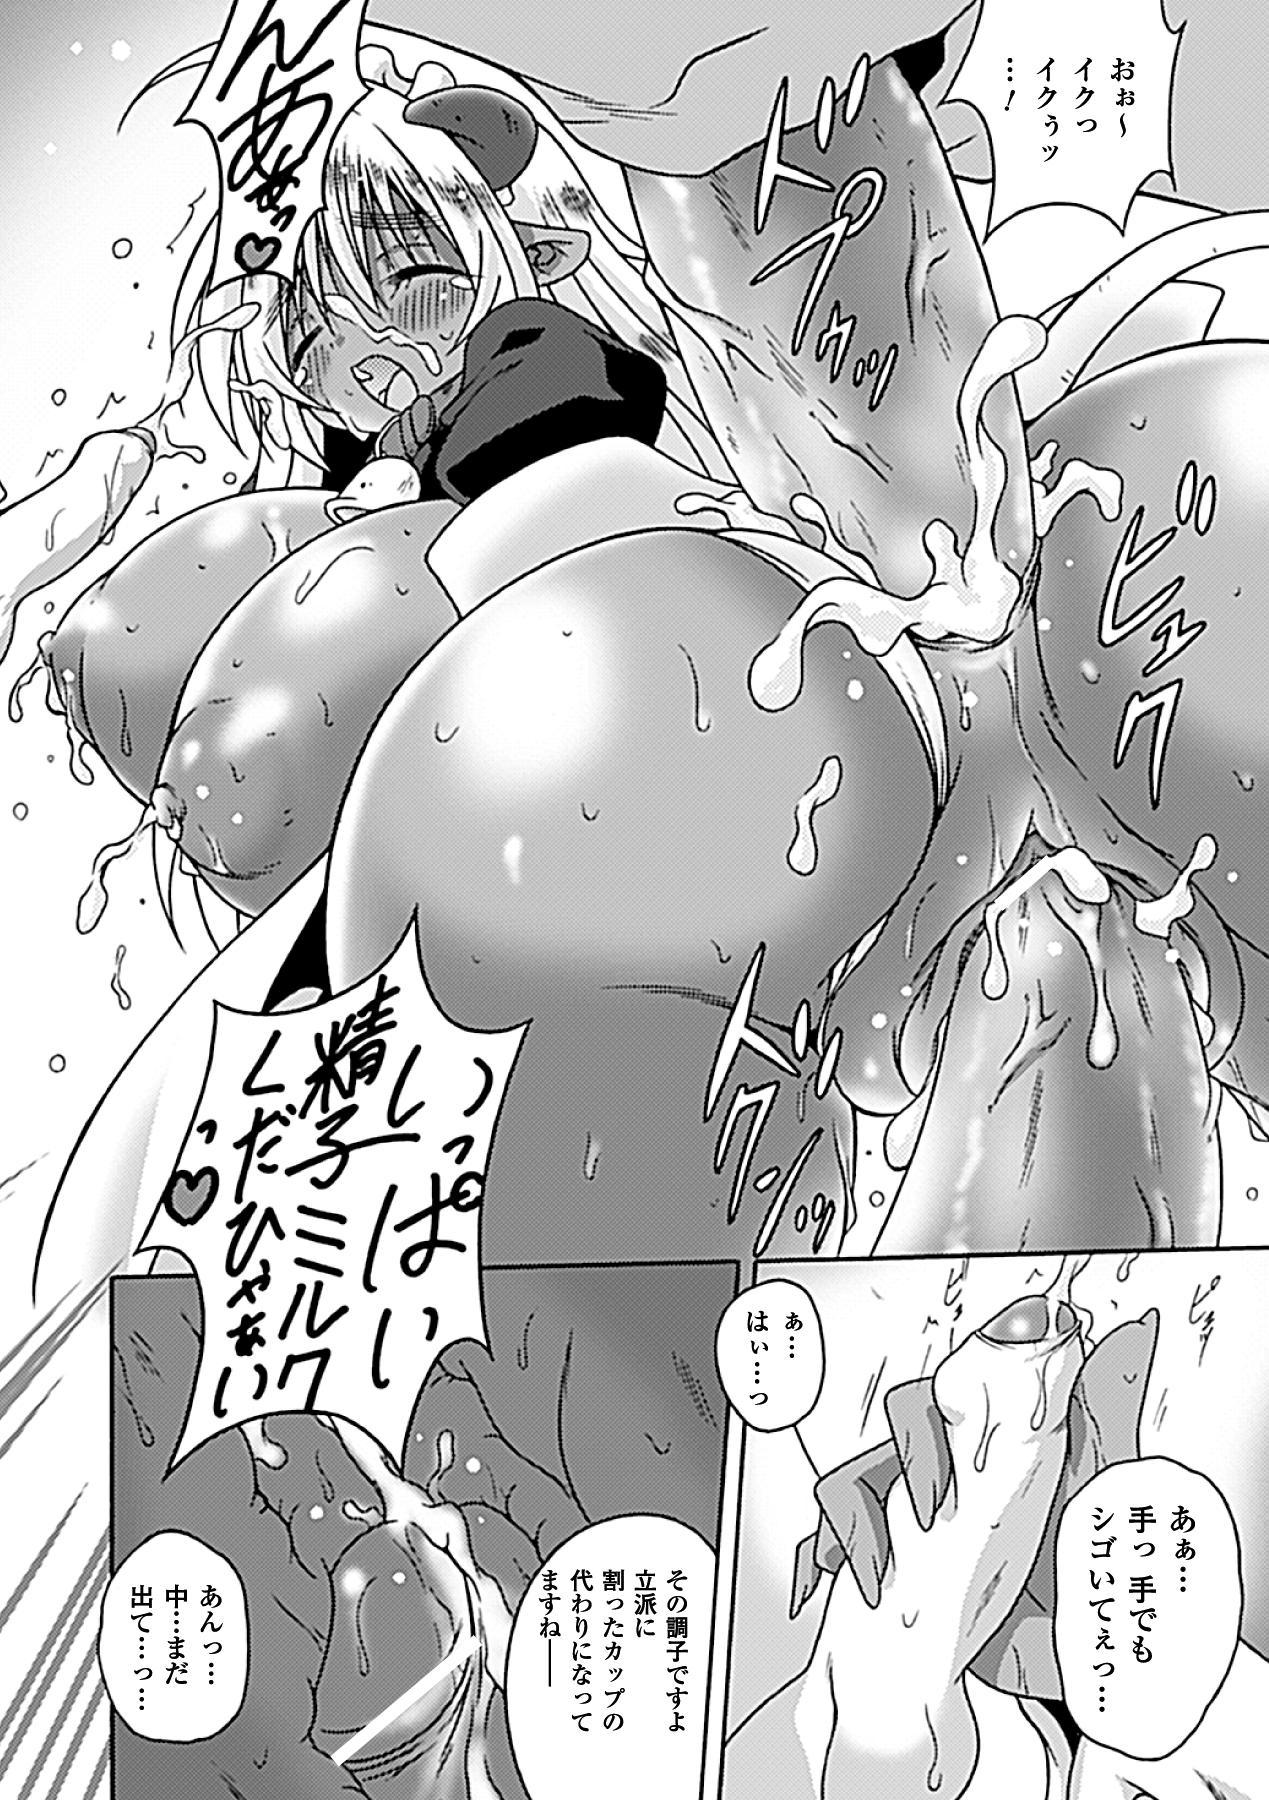 Kasshoku Heroine Vol.2 Digital 61